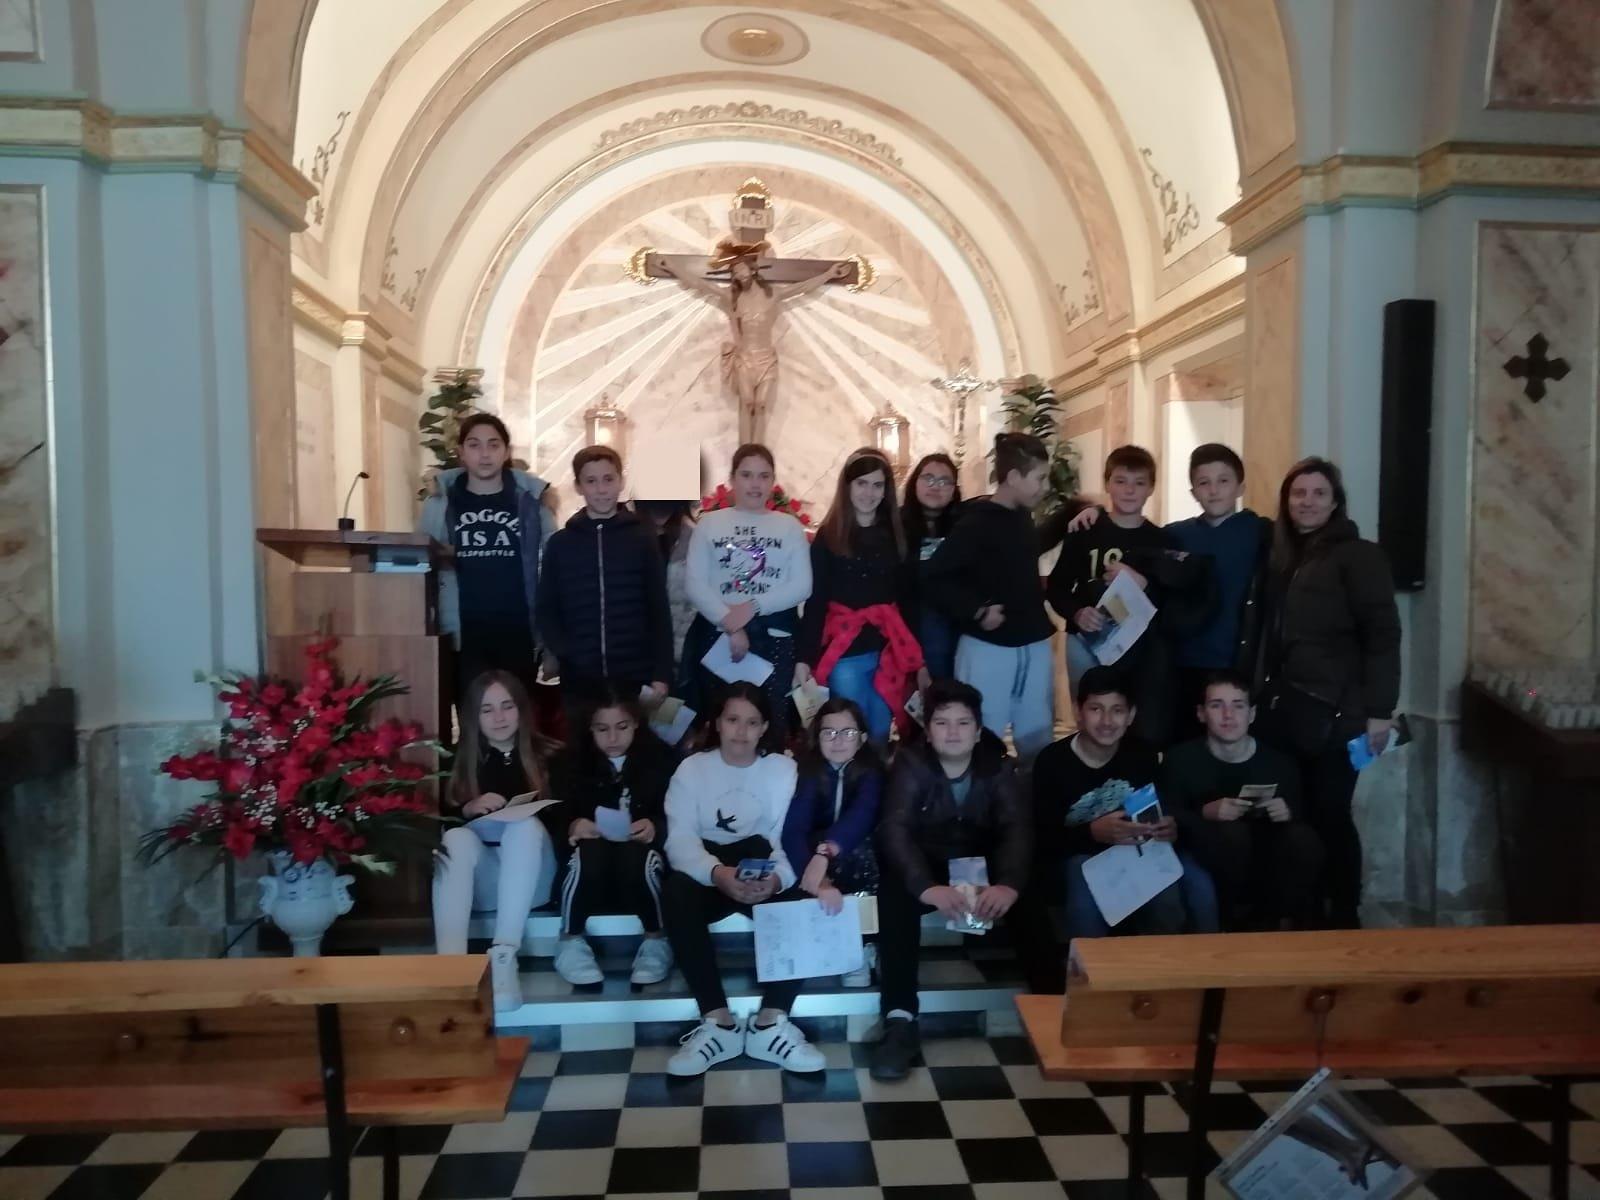 (2019-04-08) Visita ermita alumnos Yolada - 6 -  Virrey Poveda - María Isabel Berenguer (03)